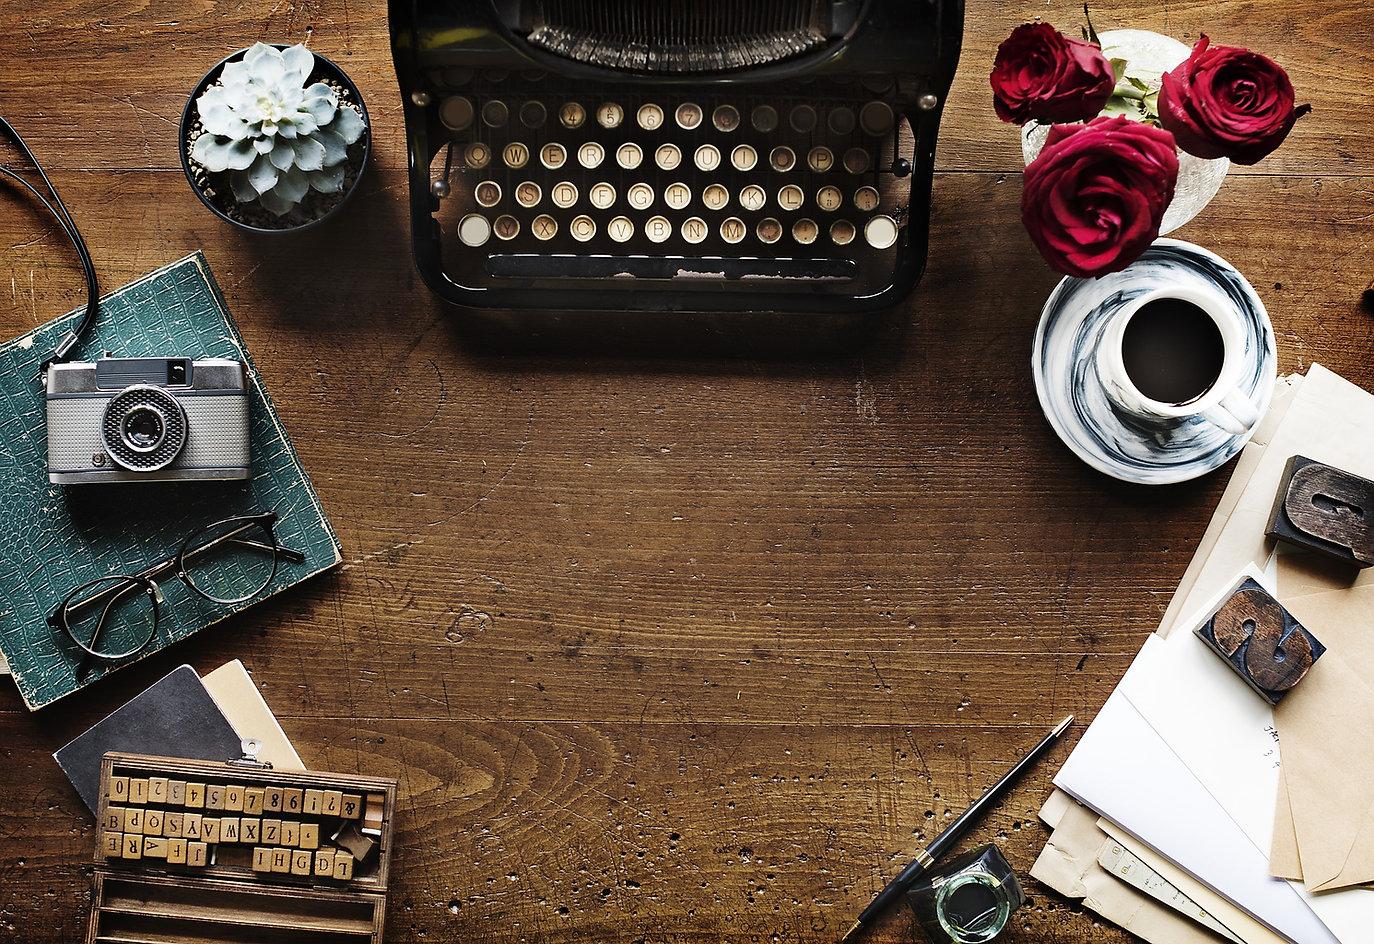 typewriter-2306479_1920.jpg